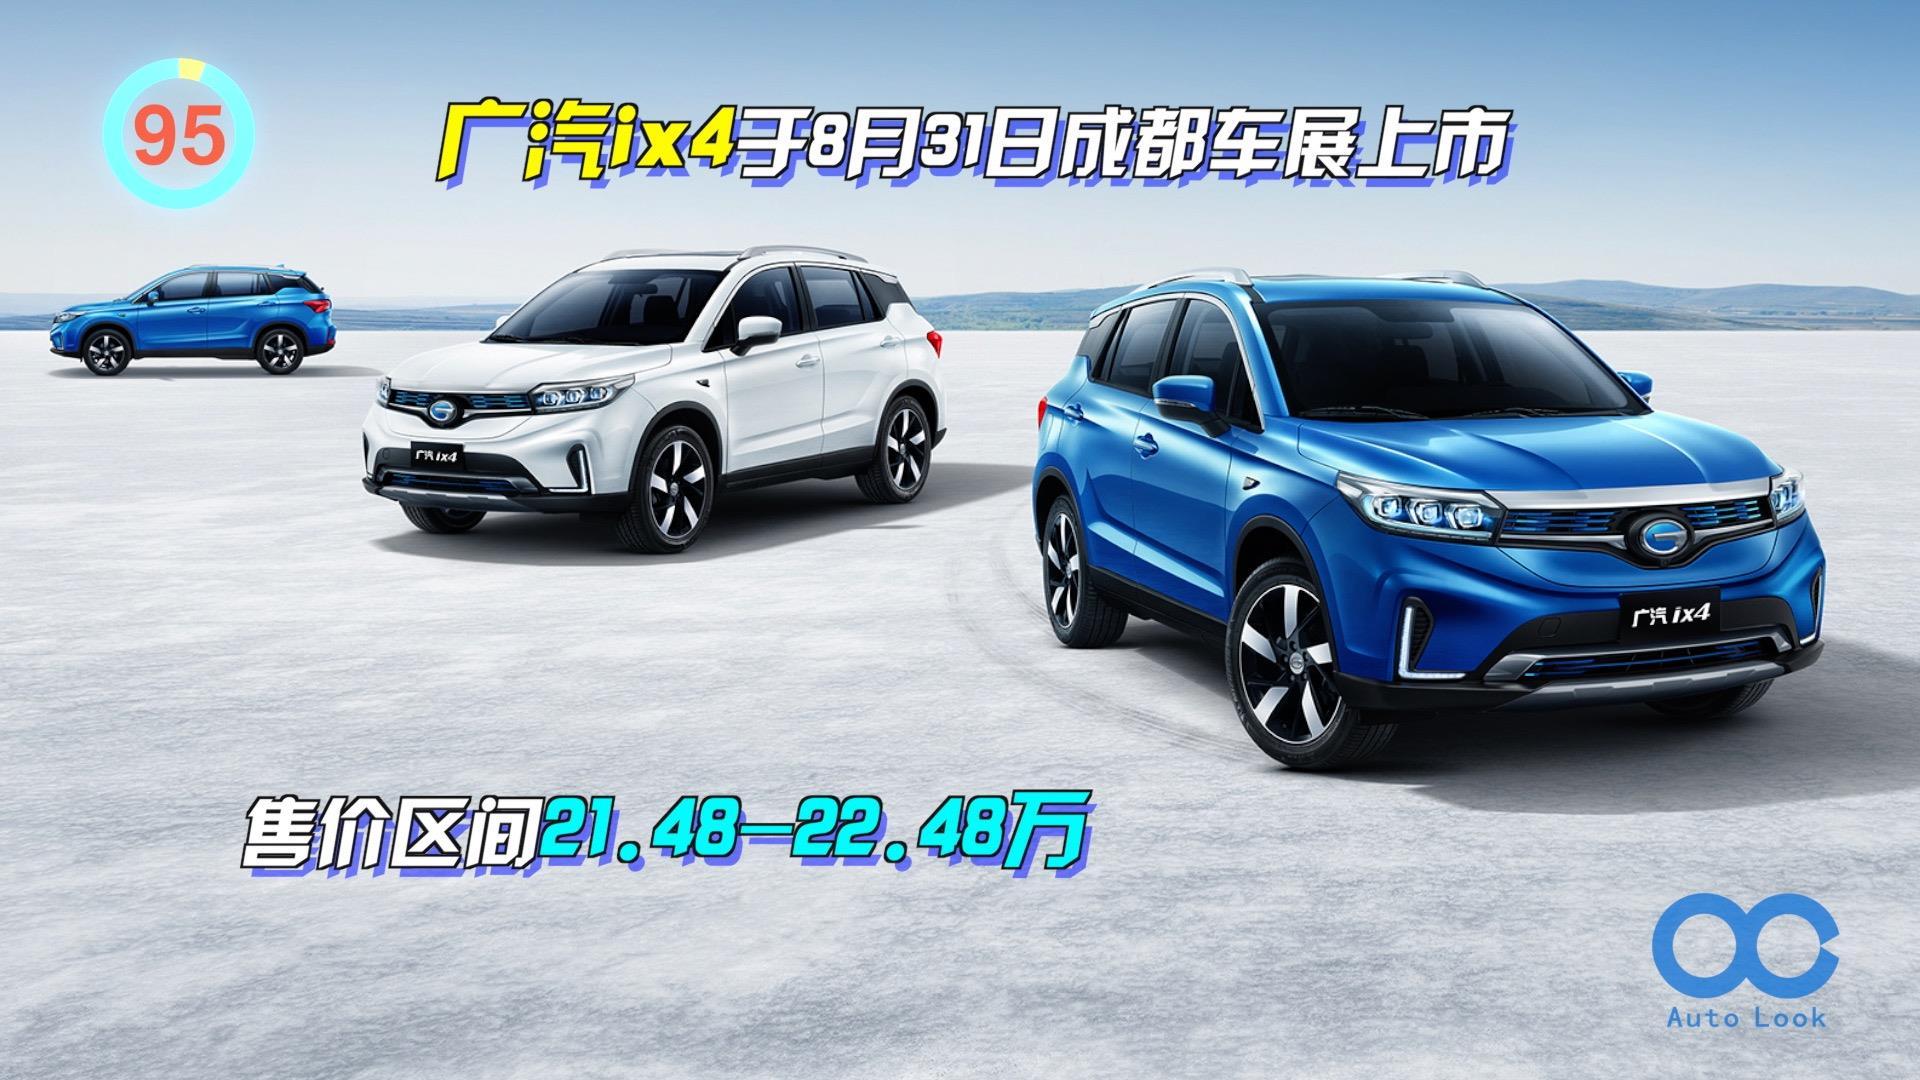 「百秒看车」广汽ix4 用着传祺的标却在丰田卖